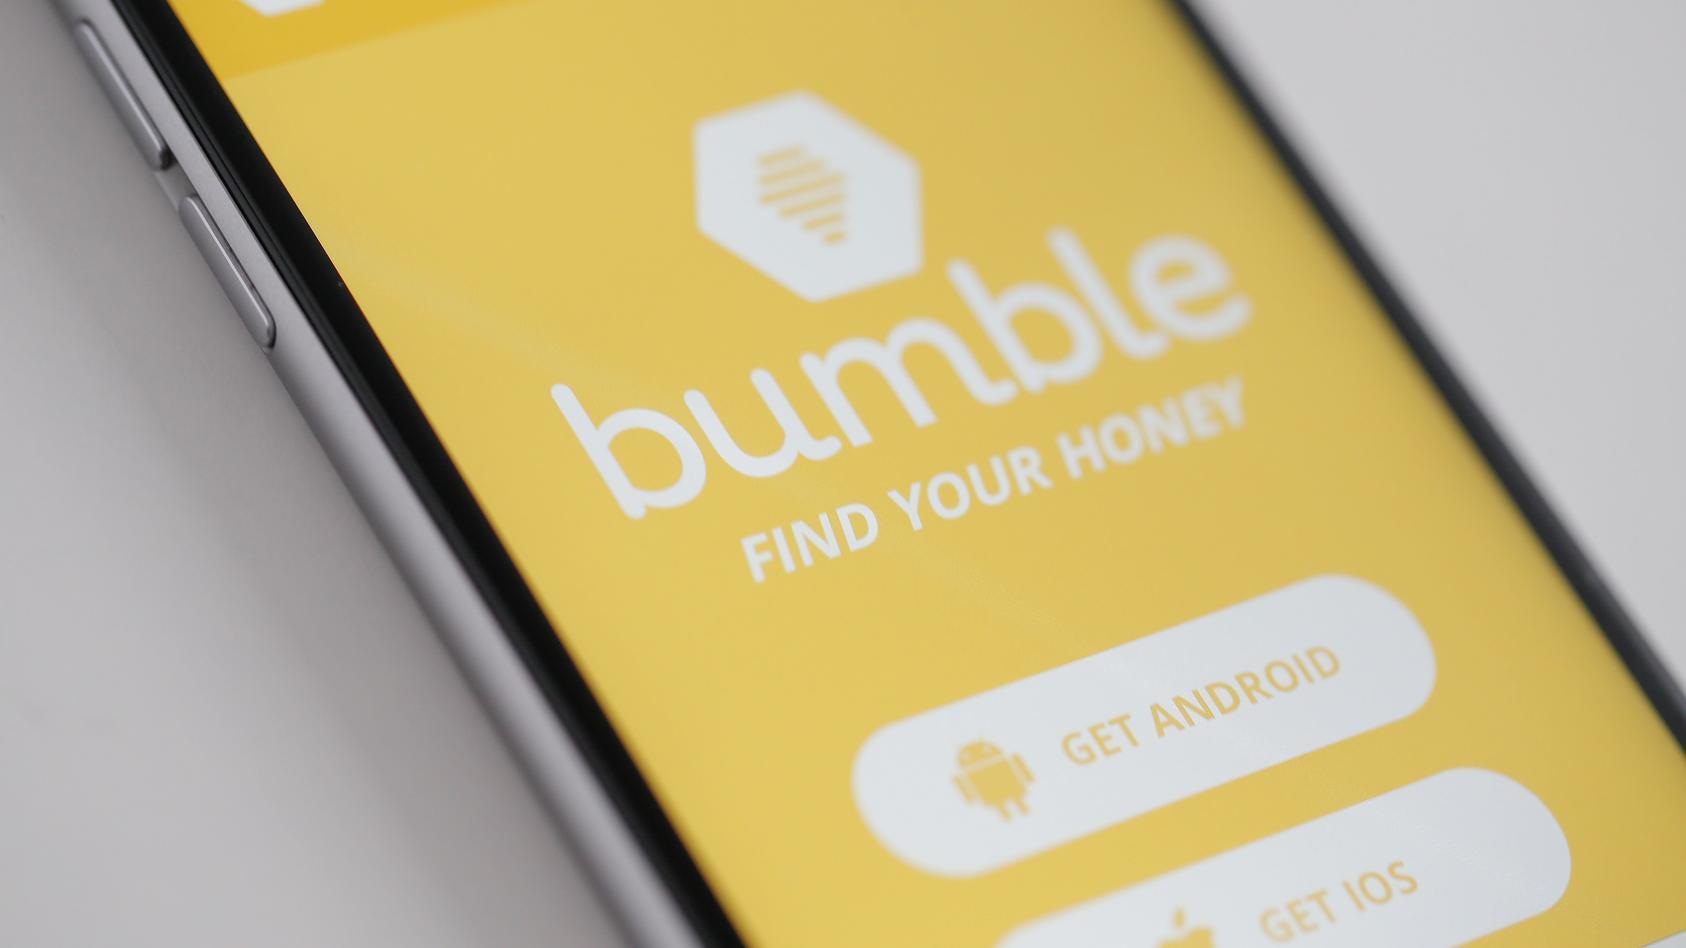 Bumble bringt uns etwas Neues auf den Dating-Markt: Den Sternzeichen-Filter.